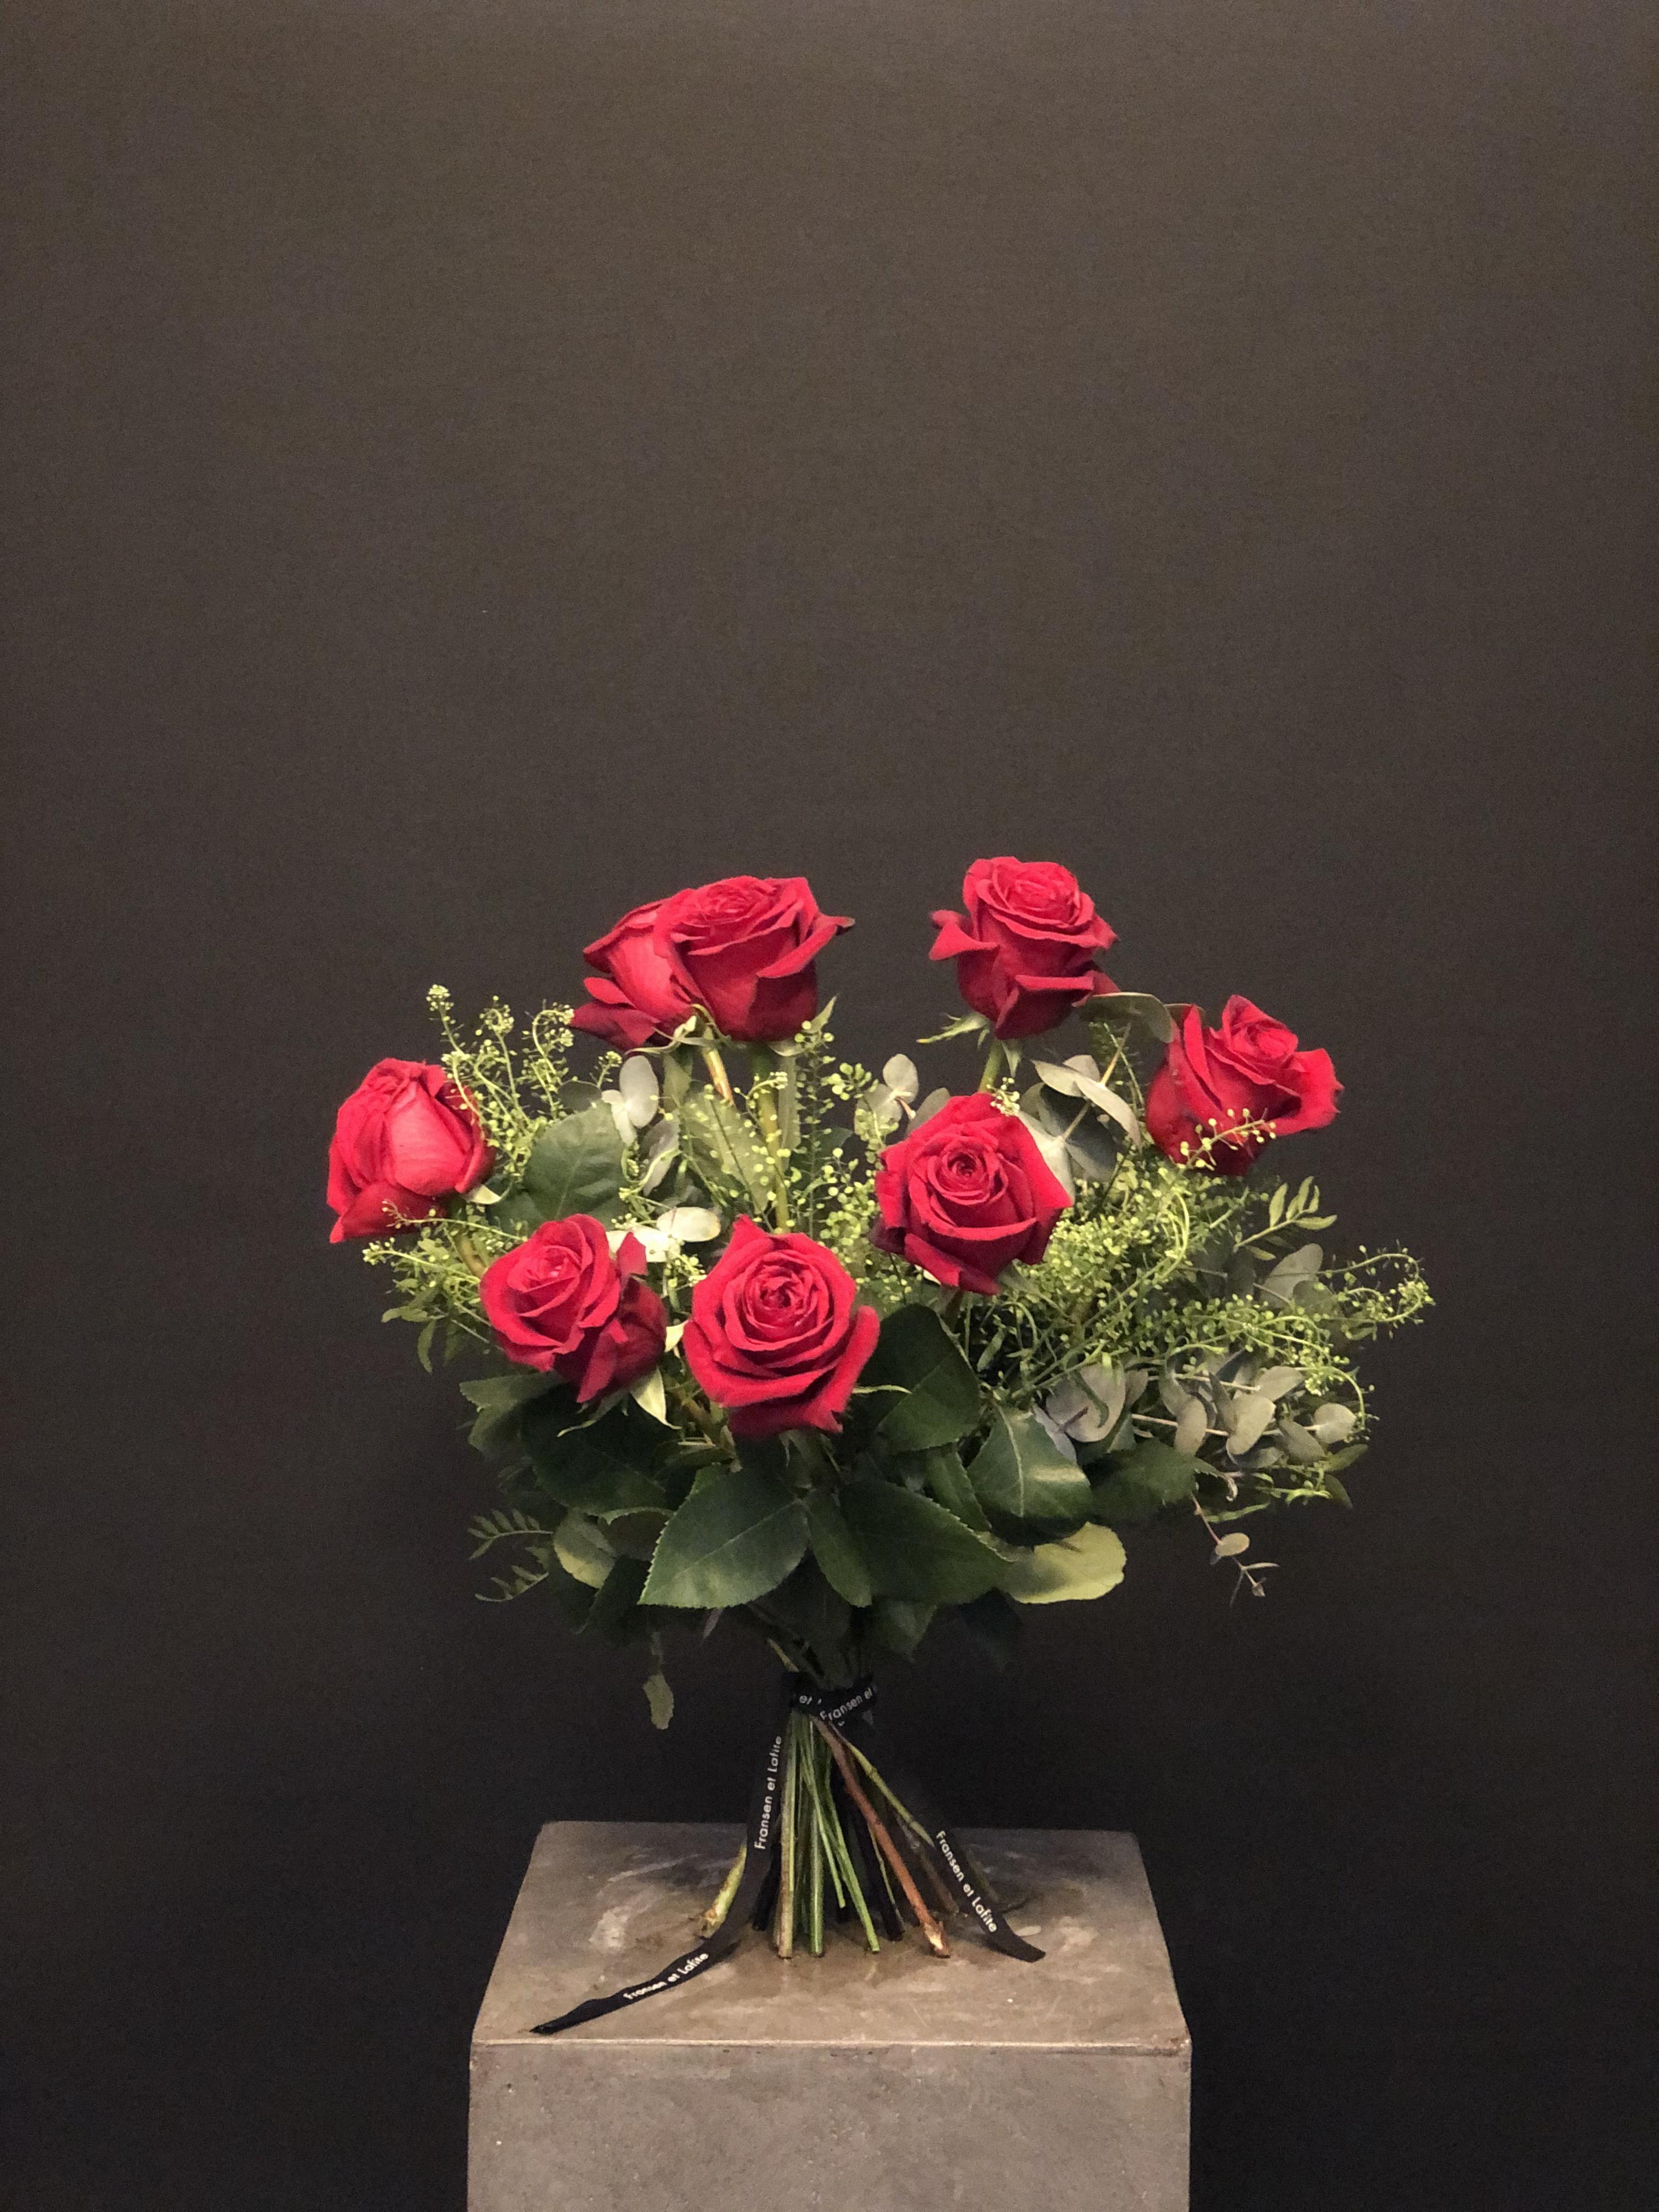 Ramo San Valentin 8 rosas con verdes